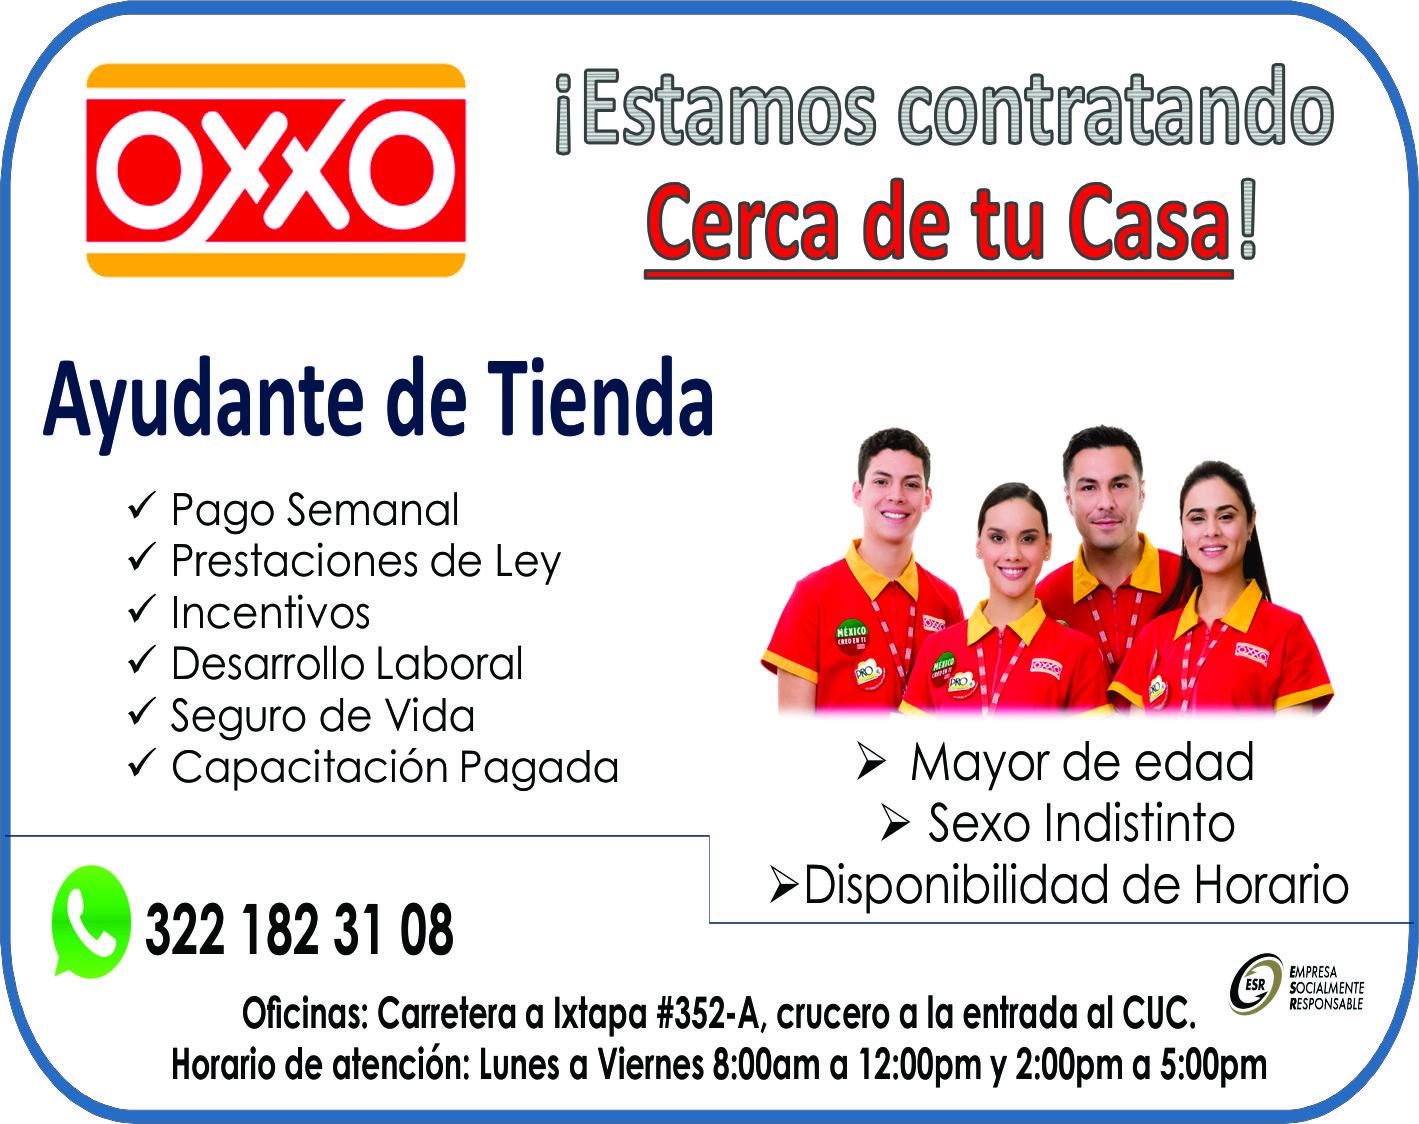 Mano a mano classified ads of puerto vallarta - Ofertas de trabajo en puerto real ...